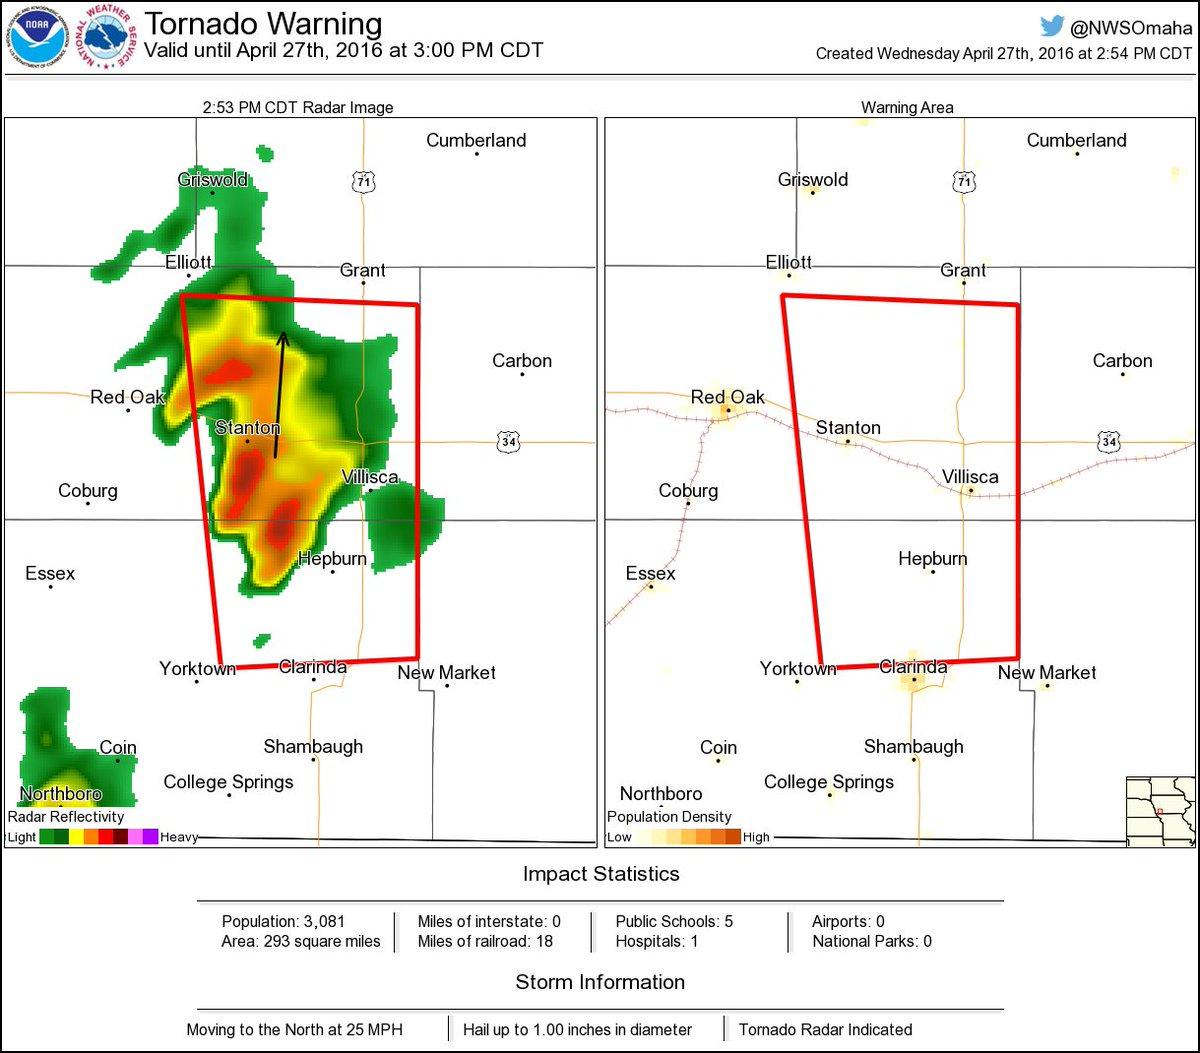 Nws Omaha On Twitter Tornado Warning Including Villisca Ia